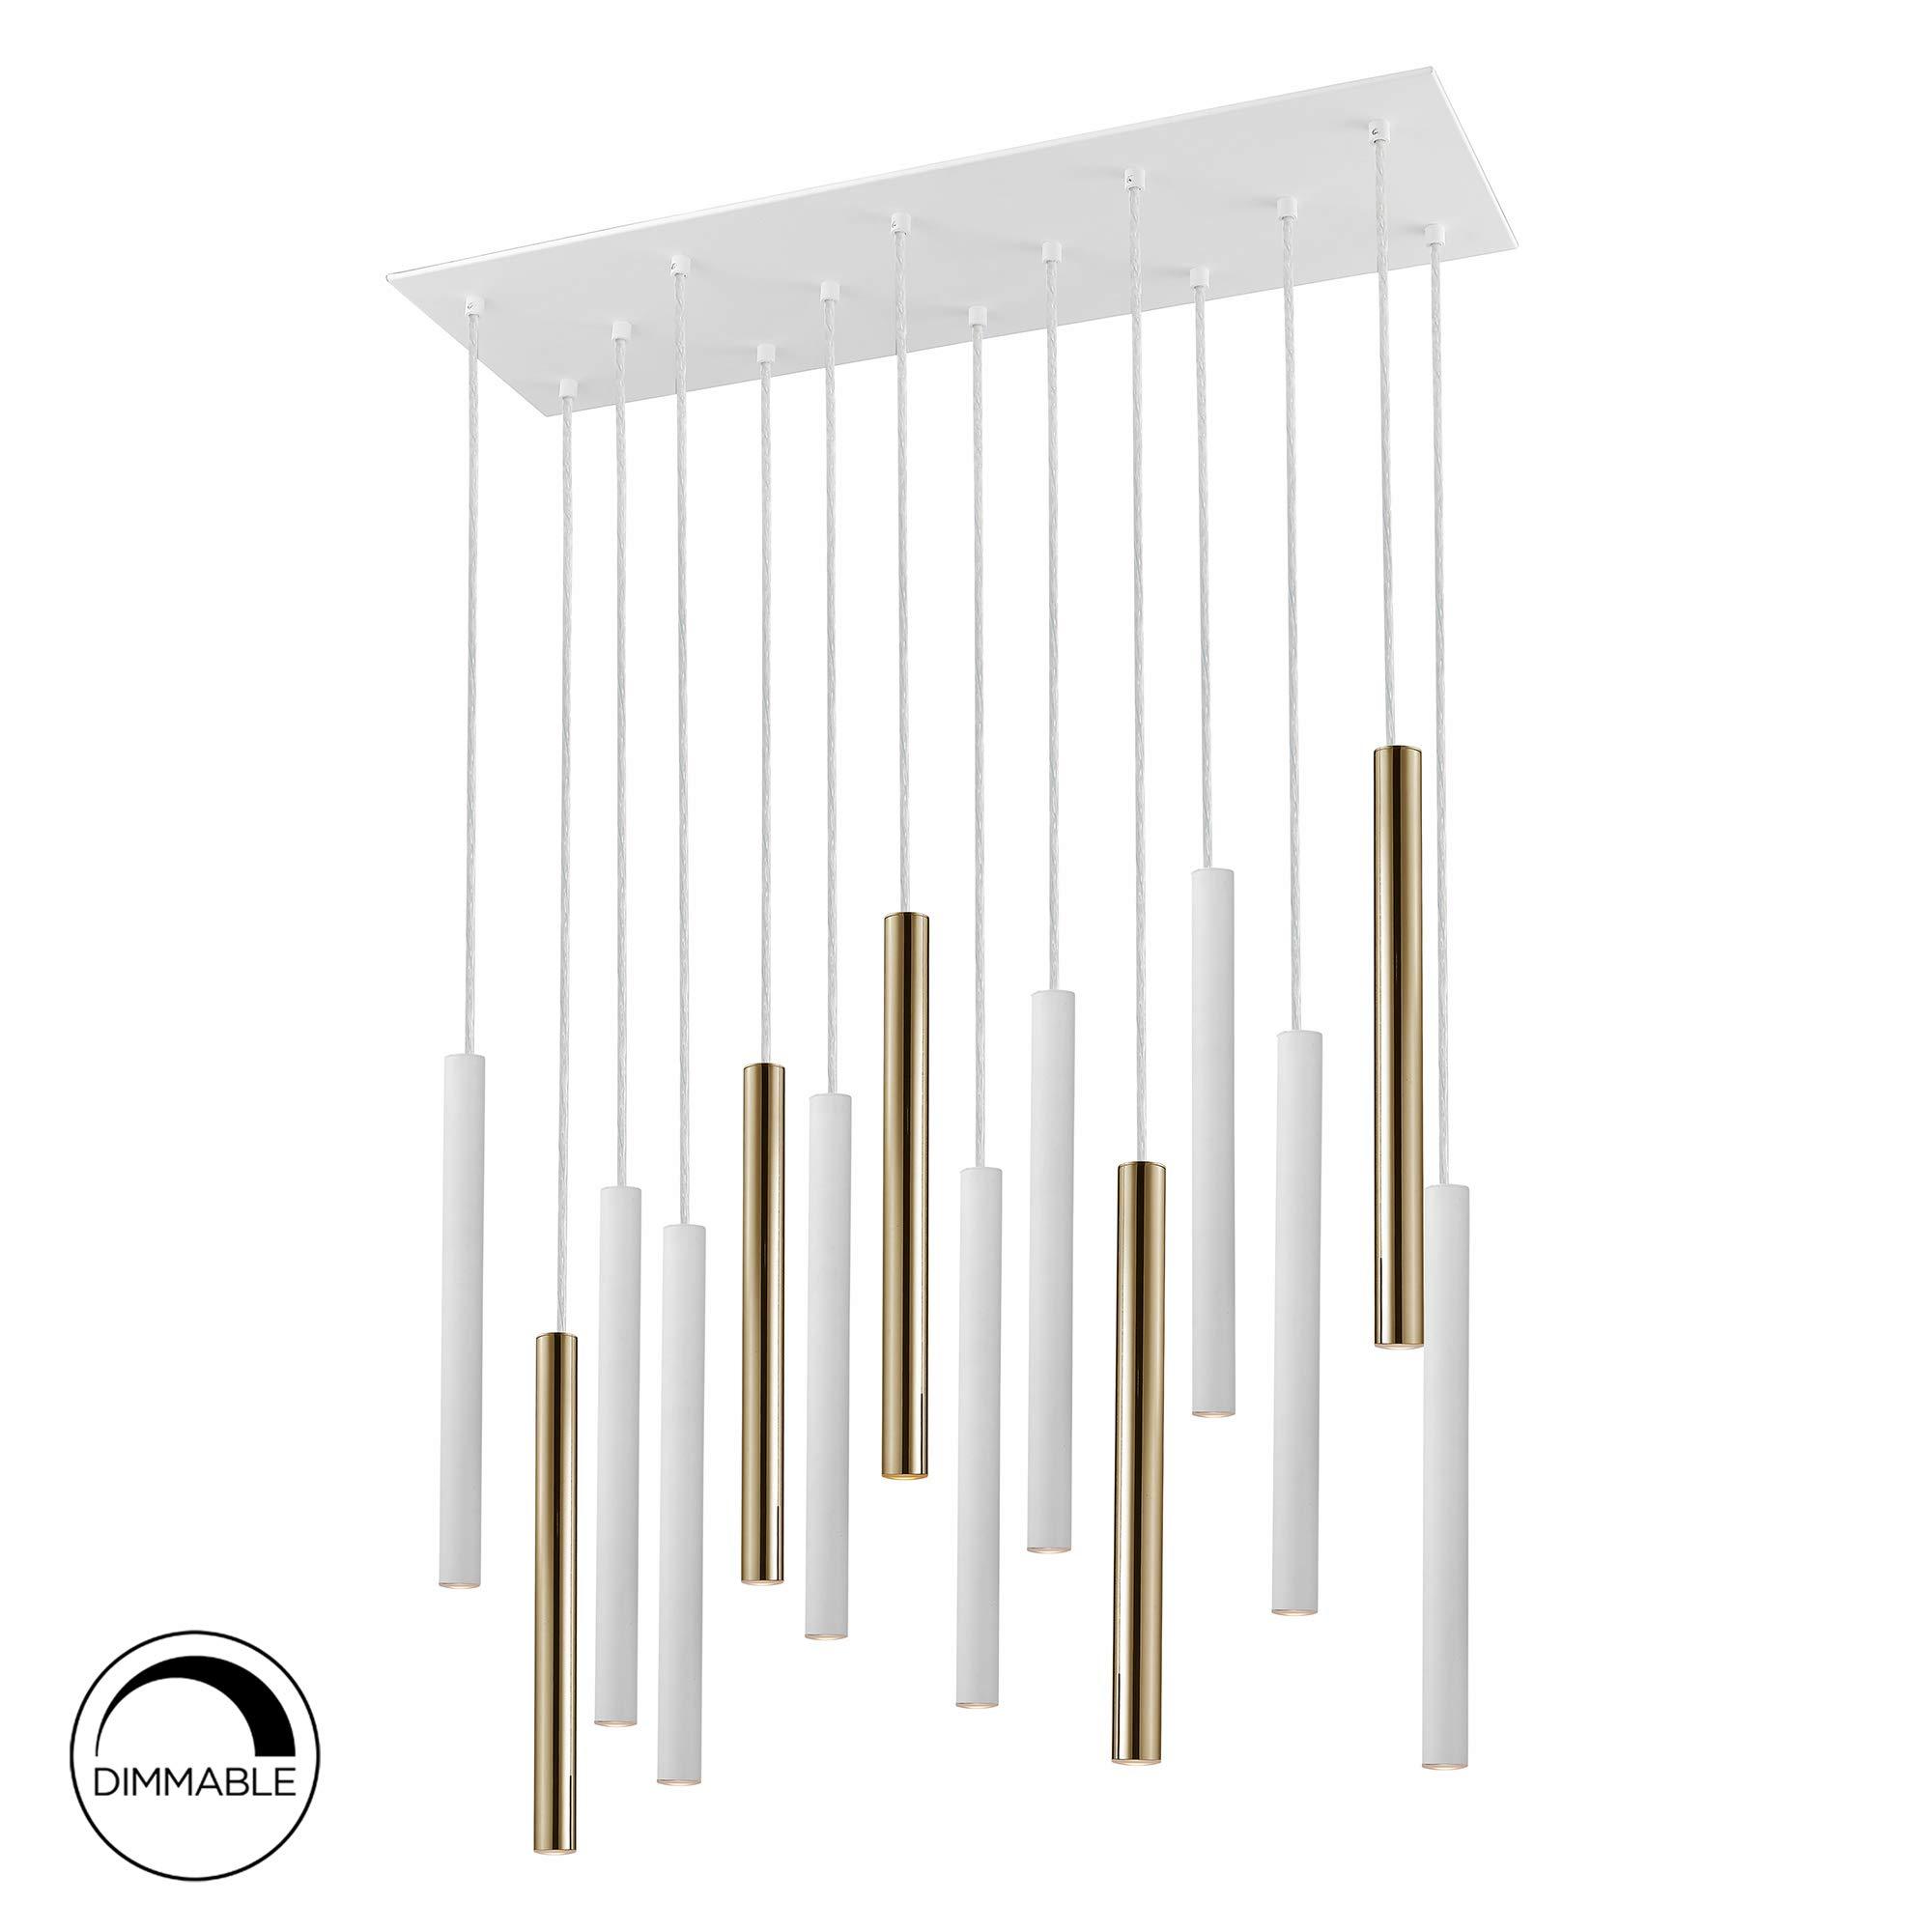 Lámpara SCHULLER VARAS de 14 luces LED. Realizada en metal acabado oro brillo y blanco mate. Difusor acrílico opal. 70W LED, 6.300 lm, 3.000 K. DIMABLE: Amazon.es: Iluminación